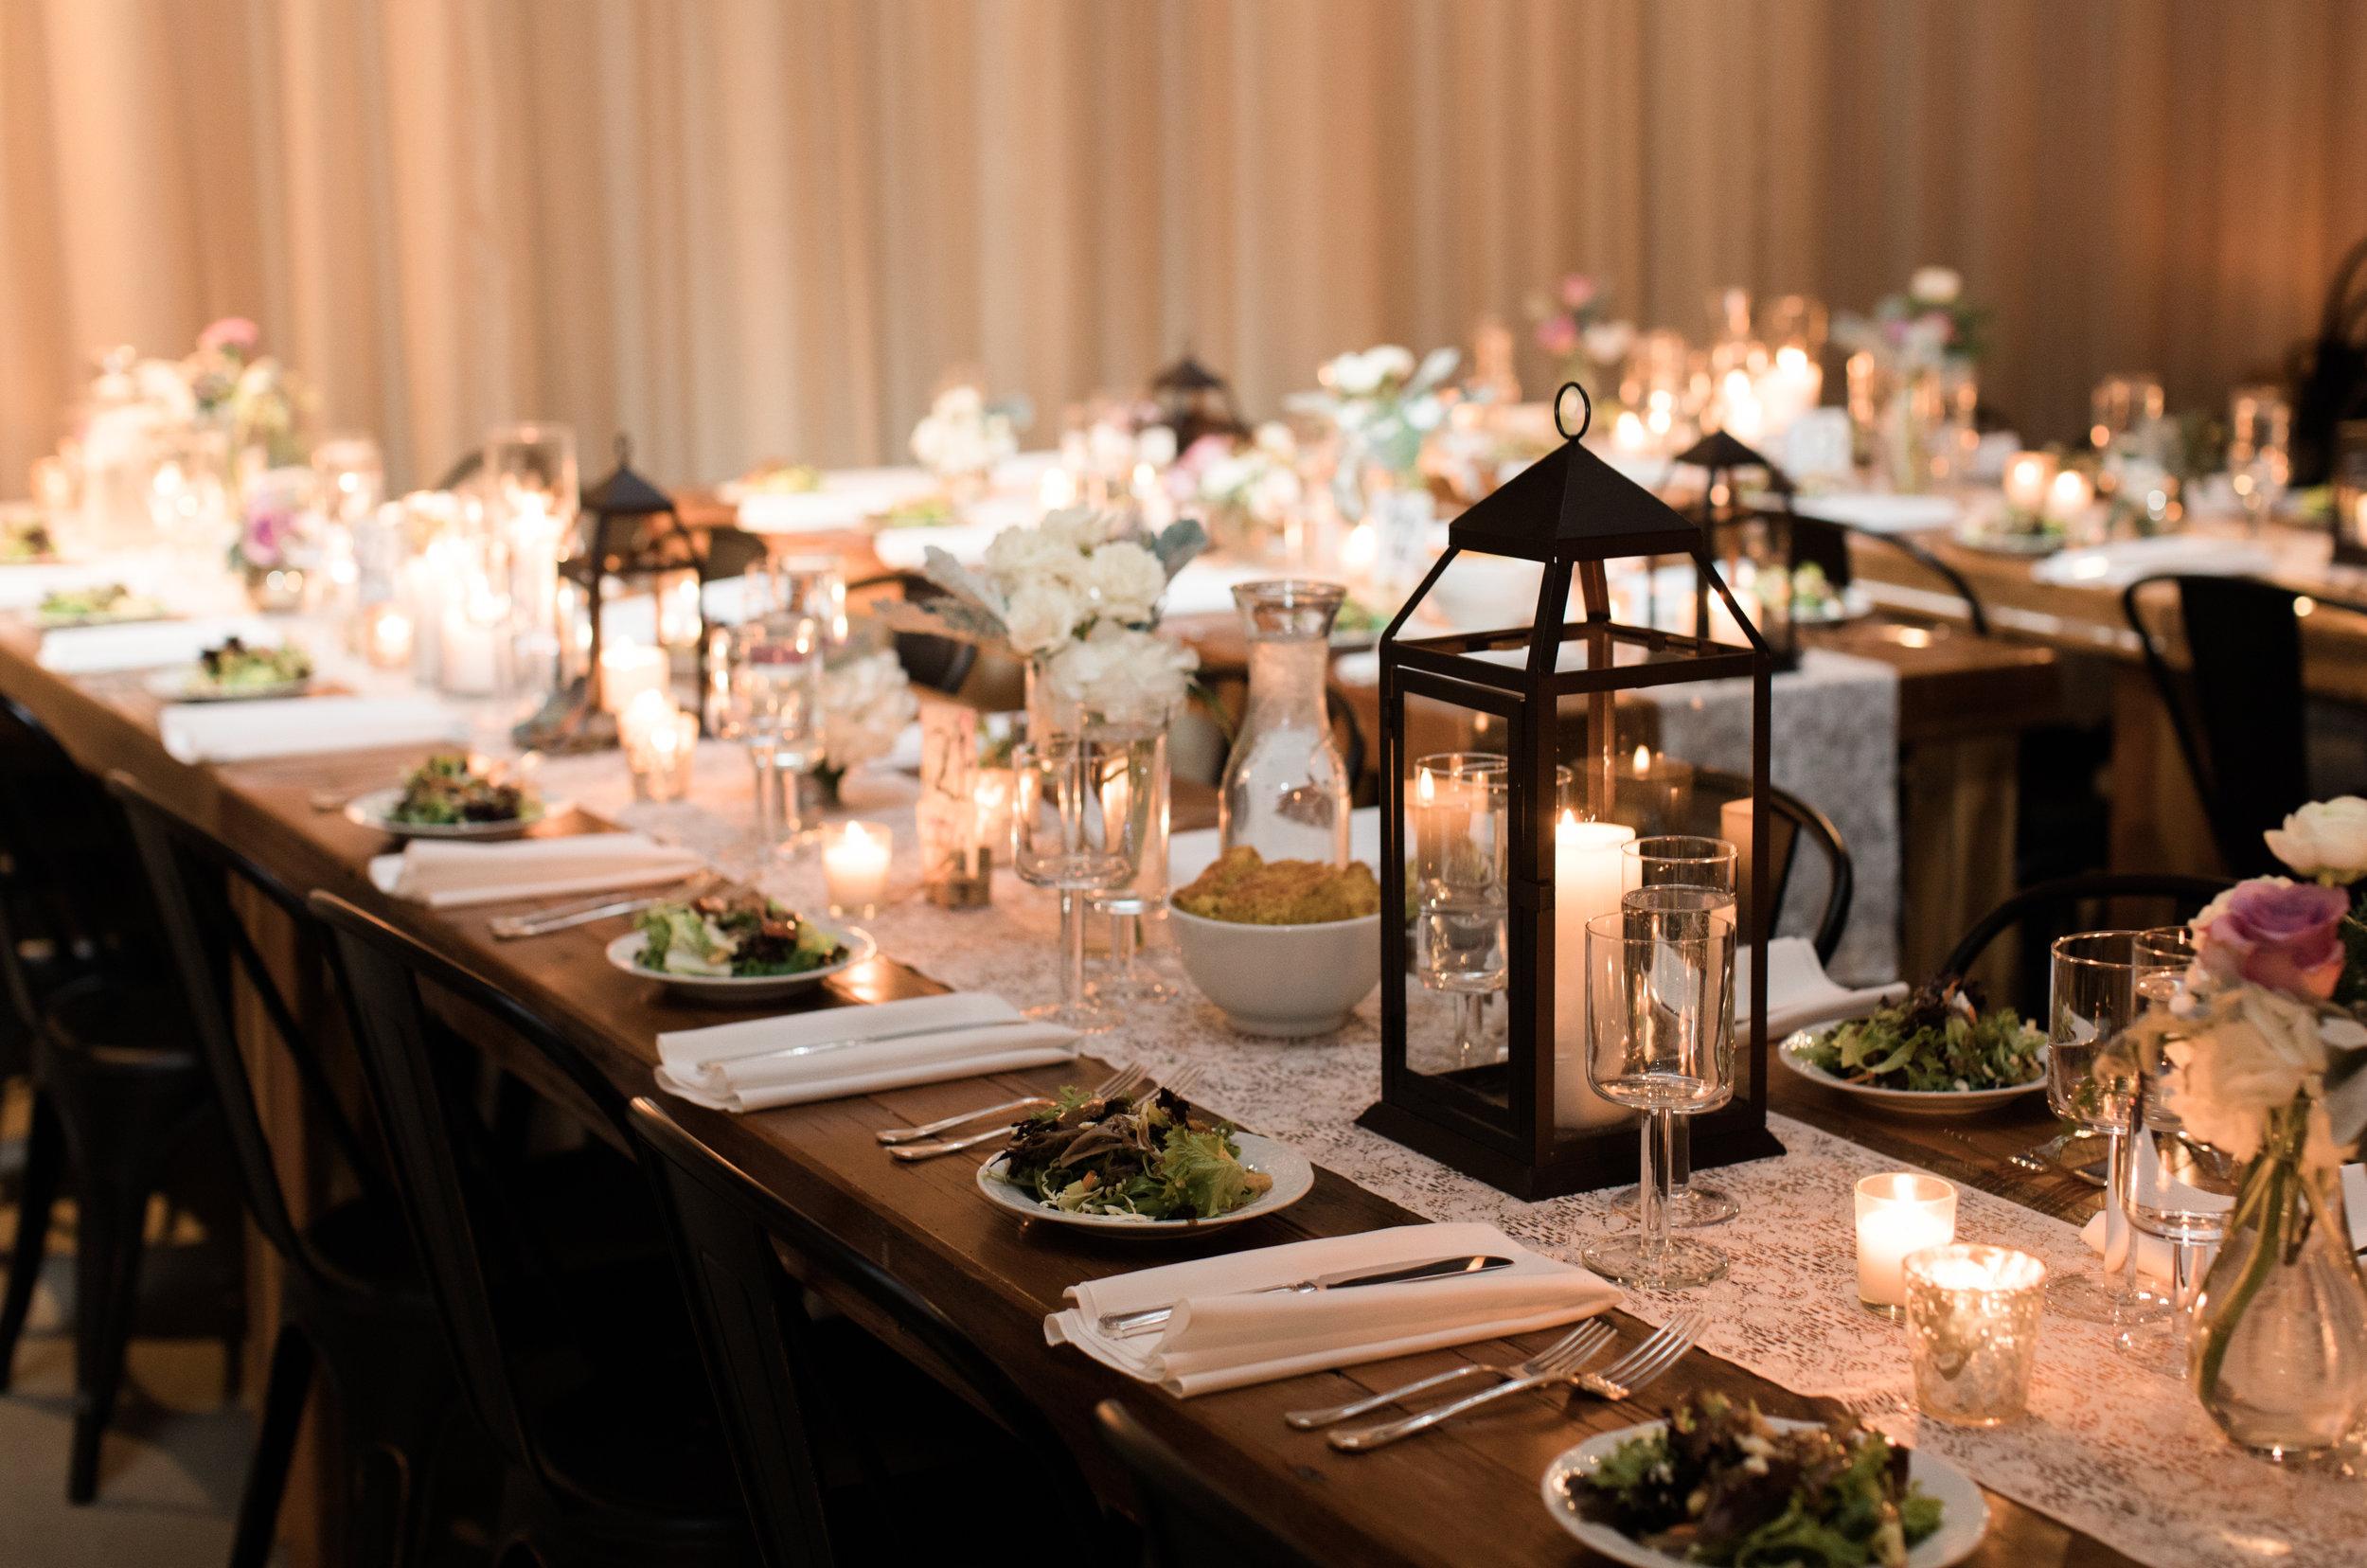 Bonphotage Wedding Photography - Ovation